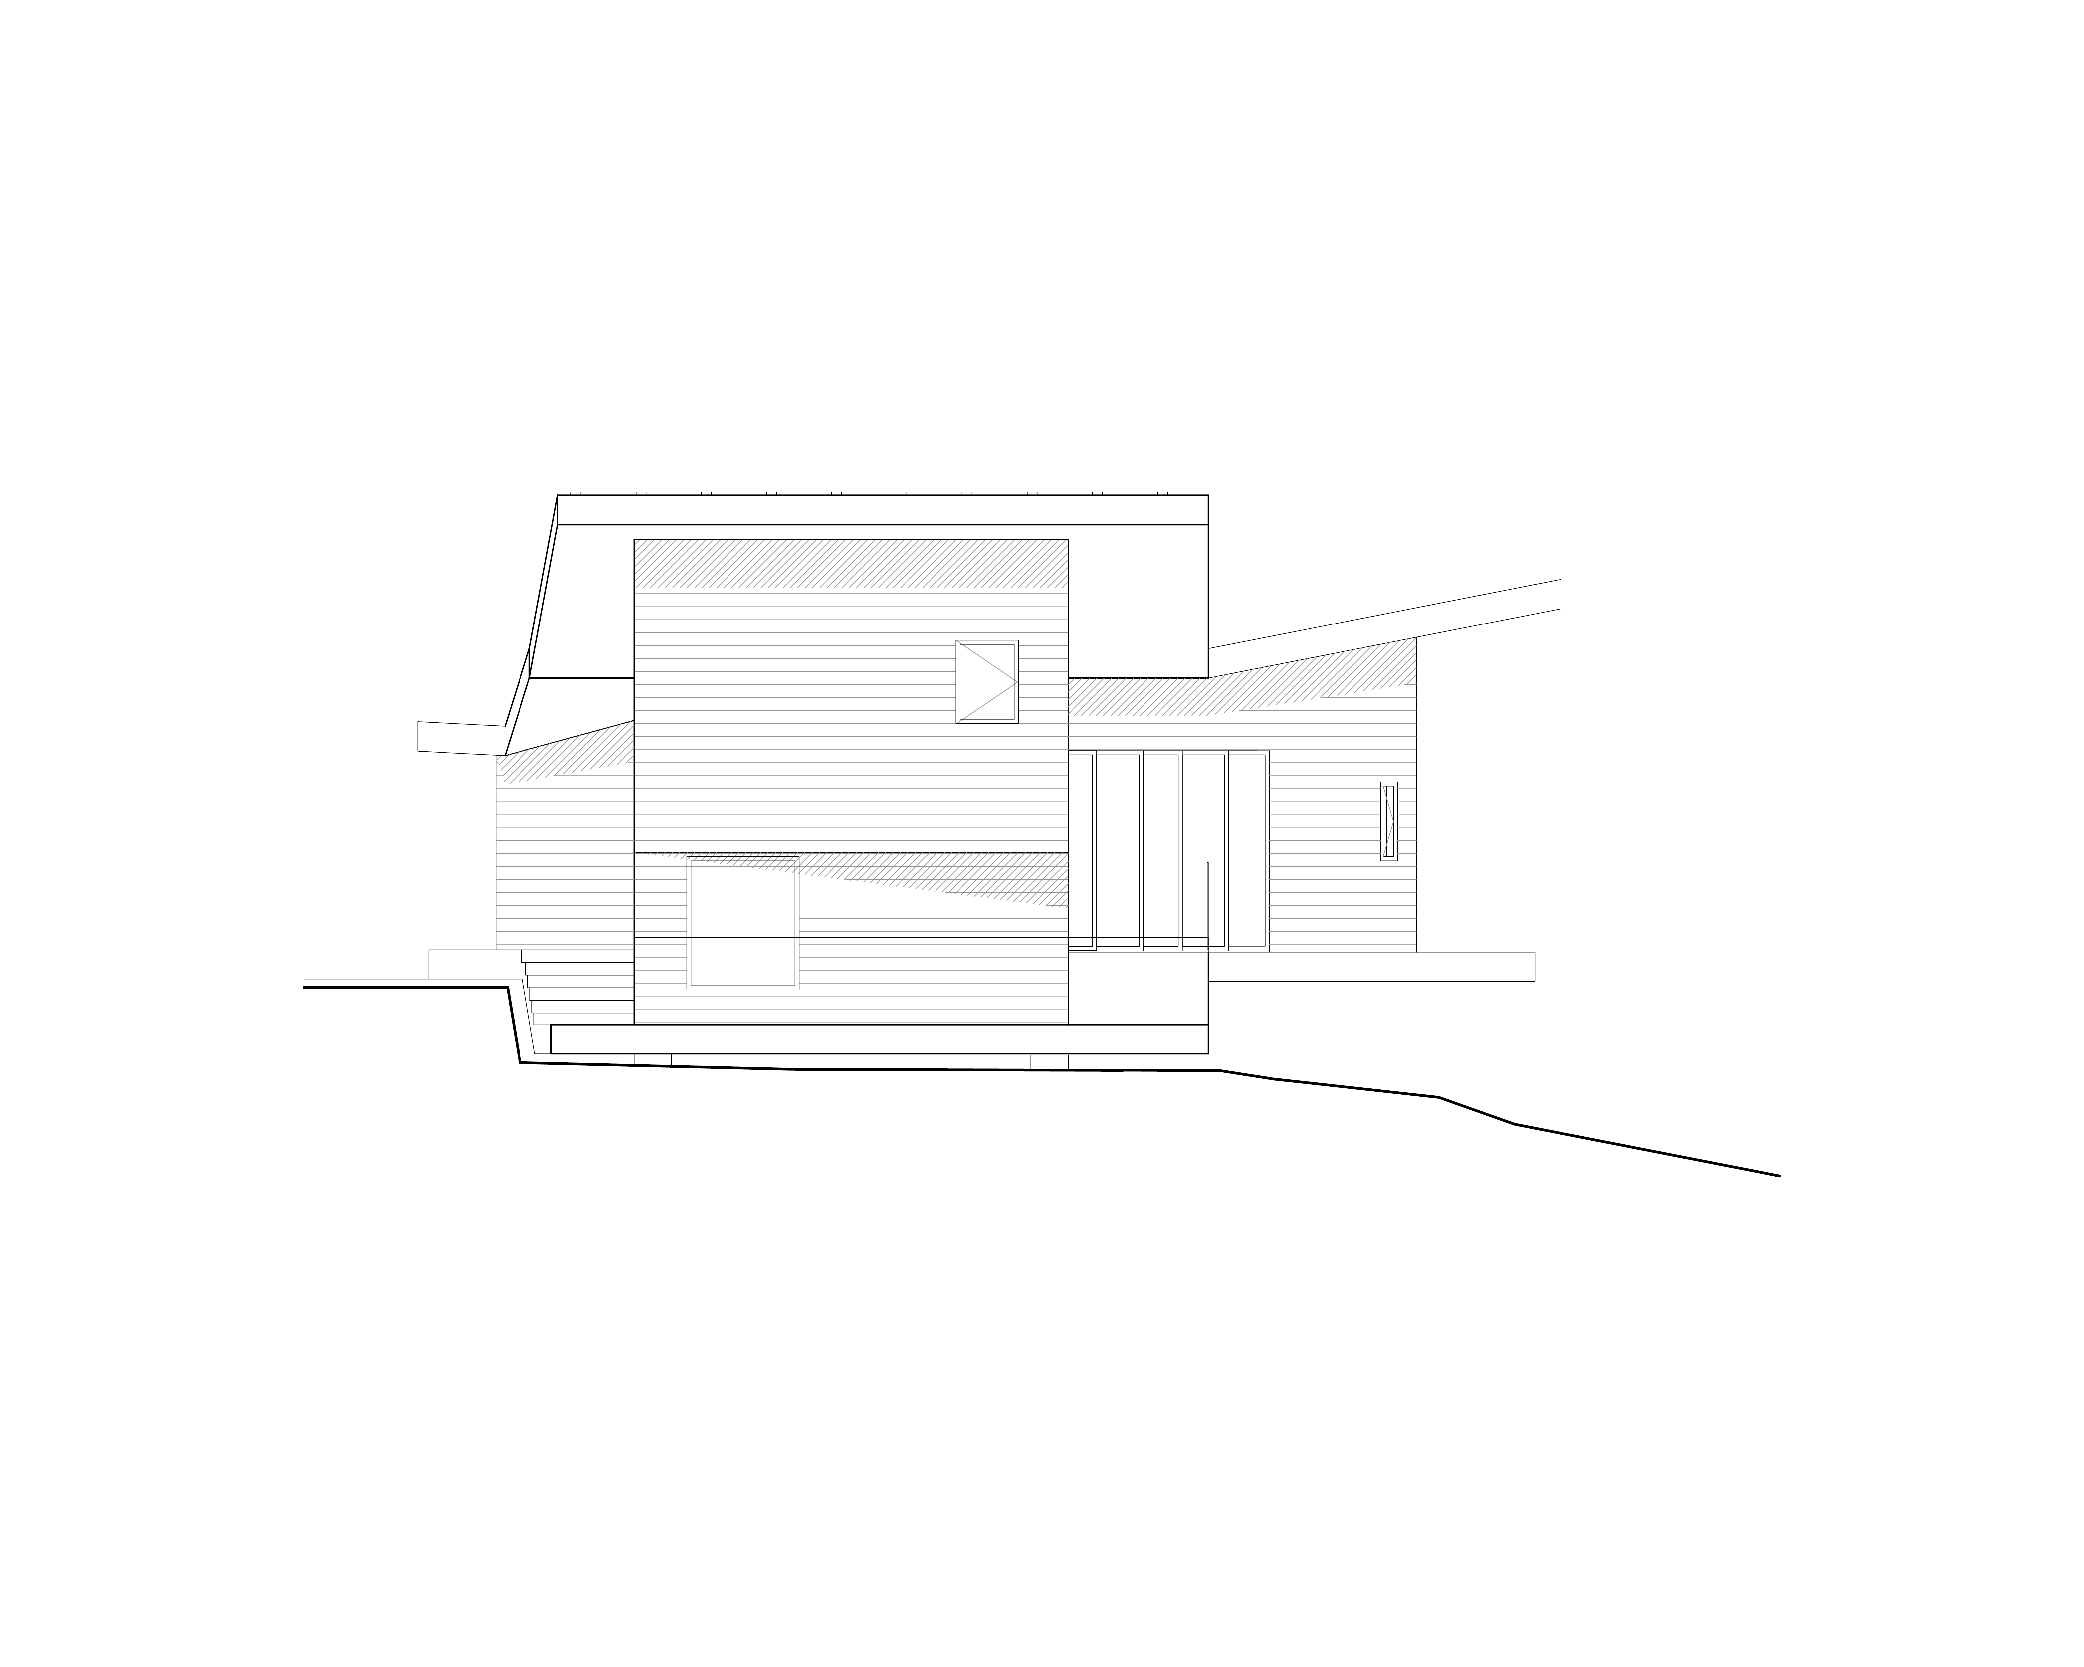 elevations-02.jpg